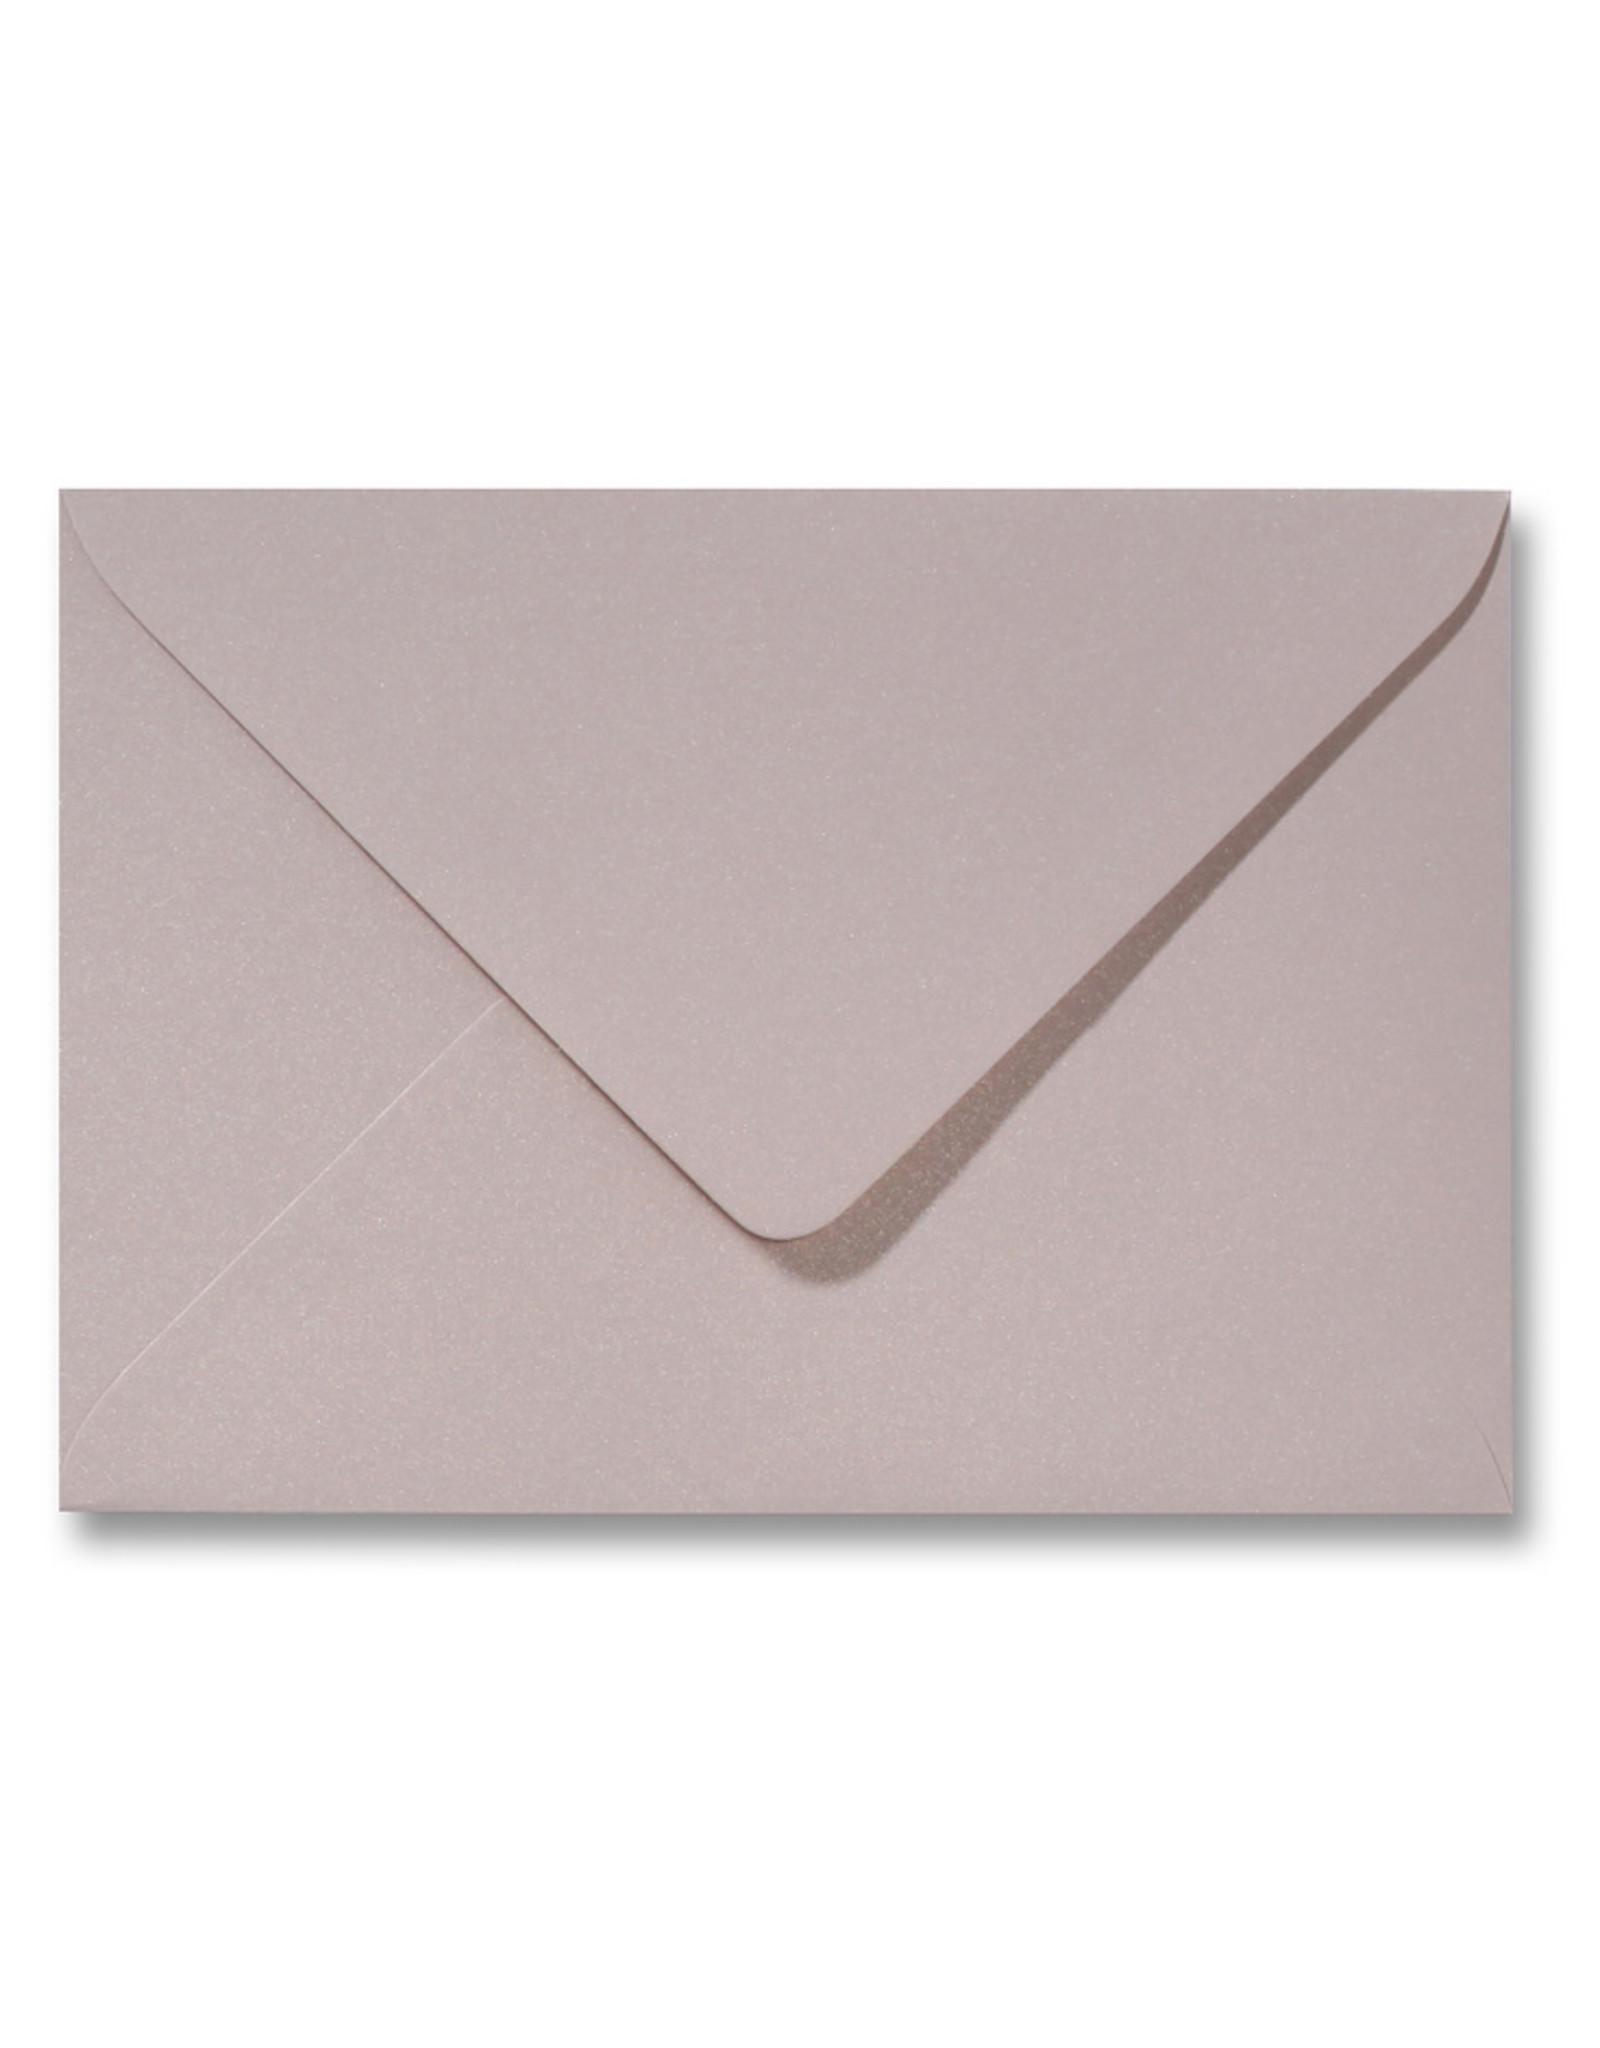 www.Robin.cards Blanco metallic envelop Oud Roze